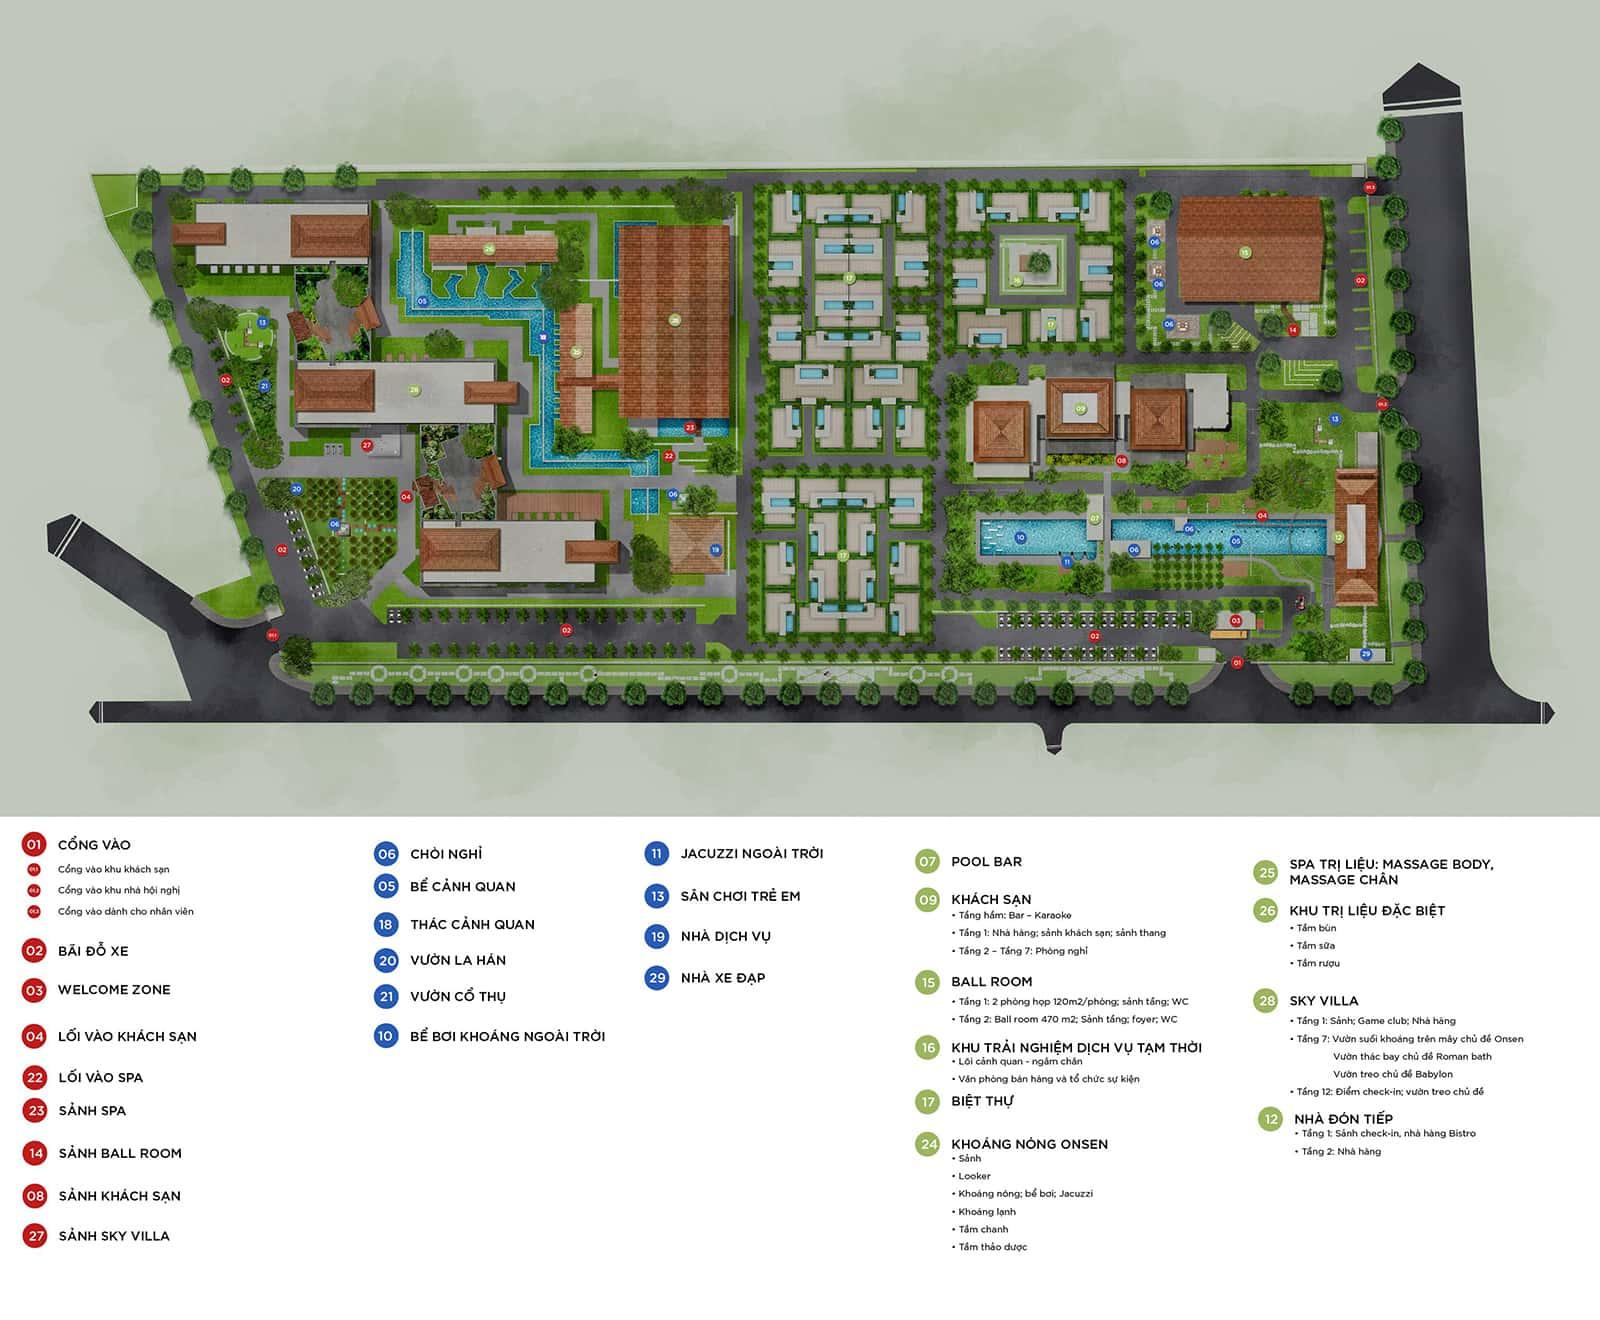 Mặt bằng dự ánMandala Sky Villas